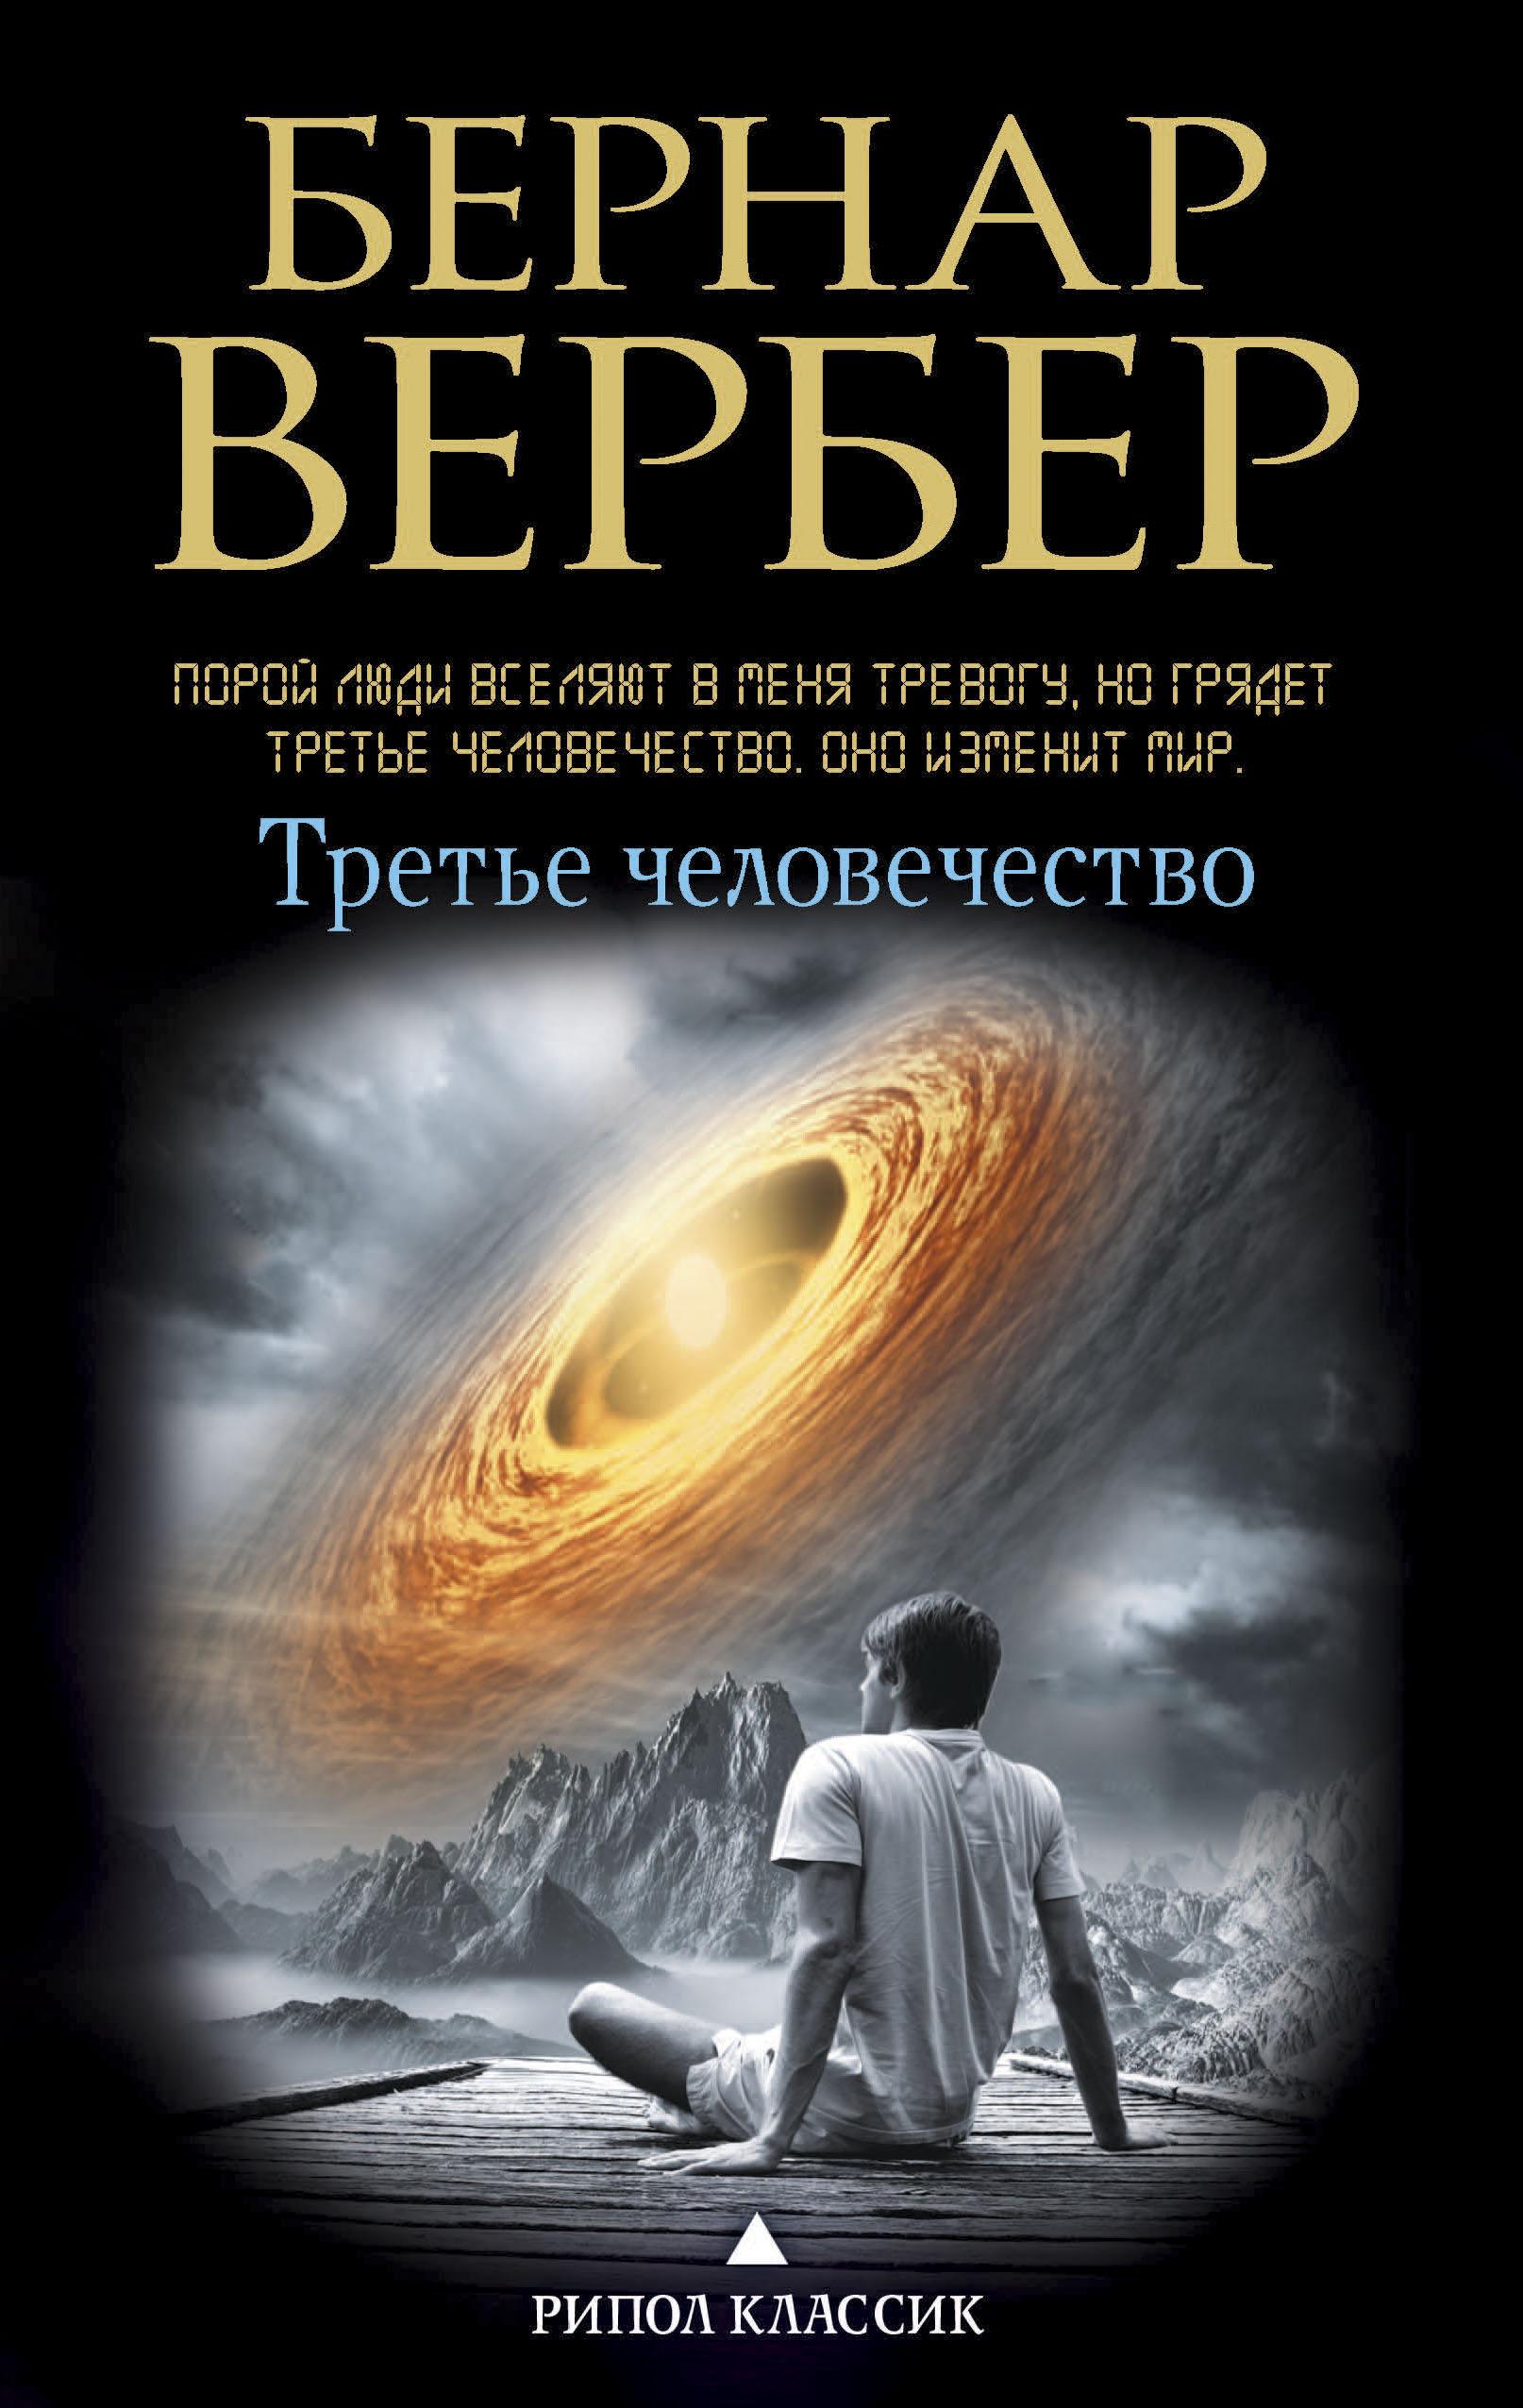 Вербер Б. Третье человечество